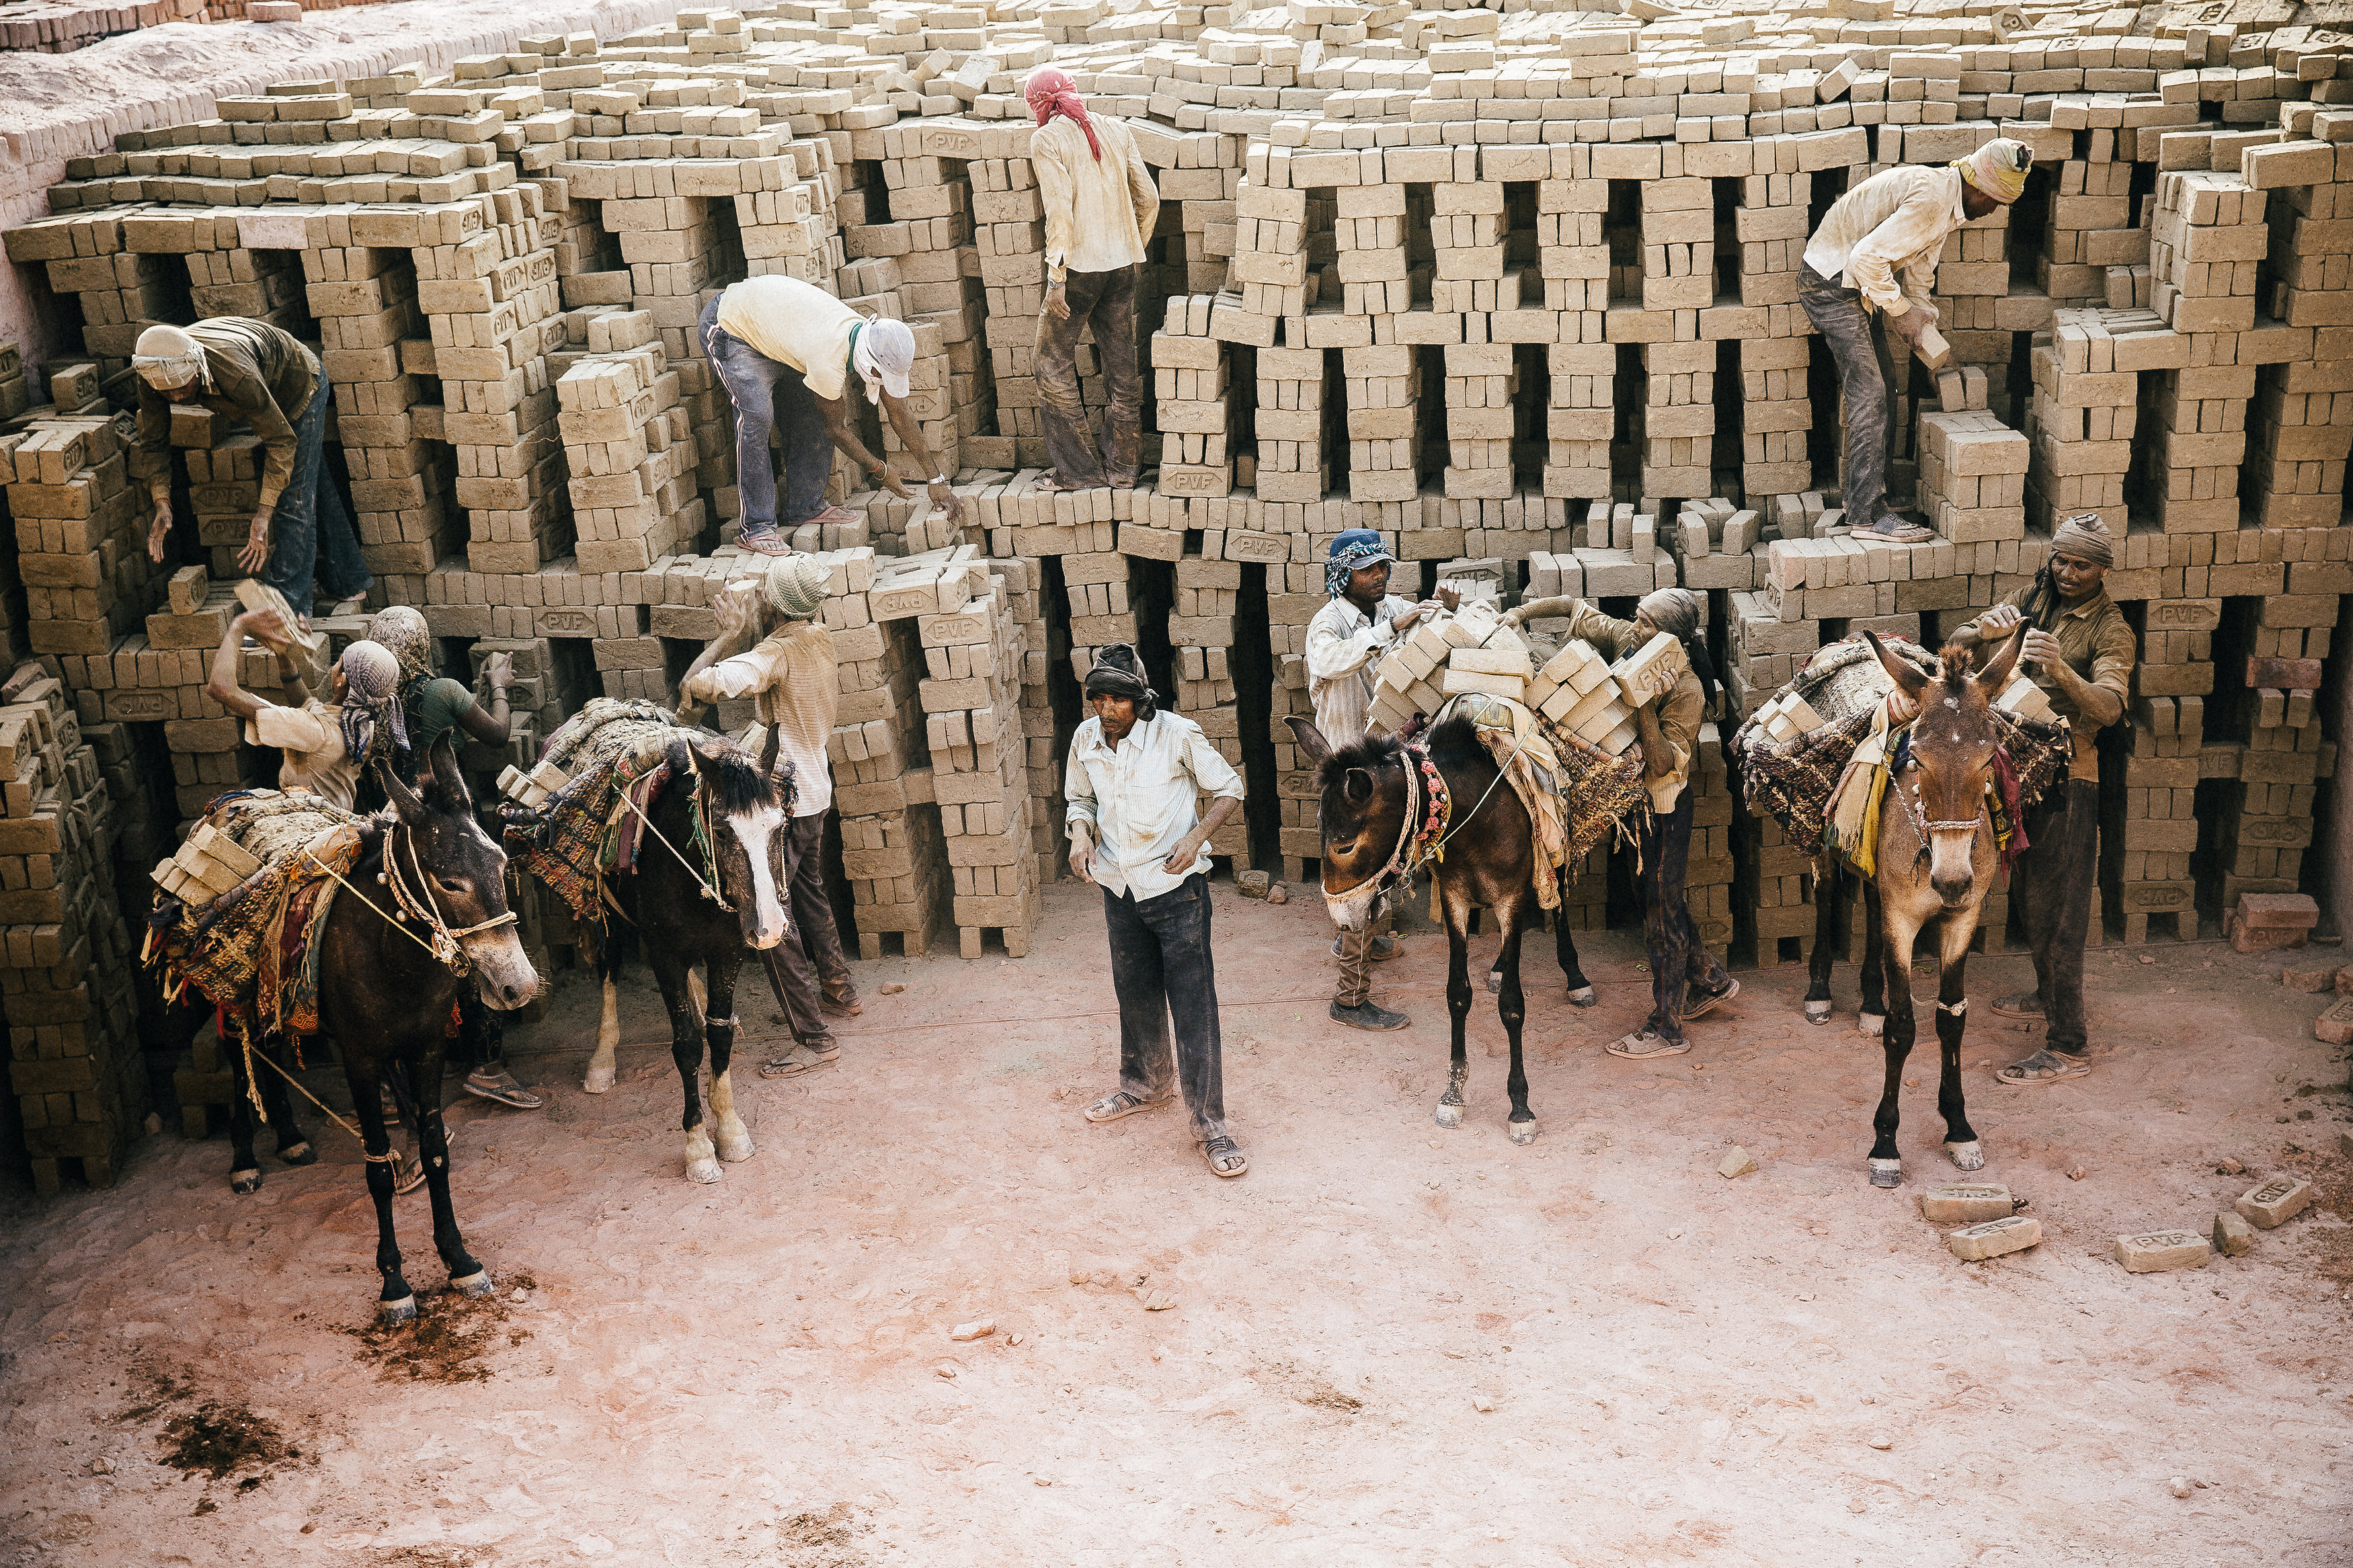 Donkeys Loaded With Bricks India